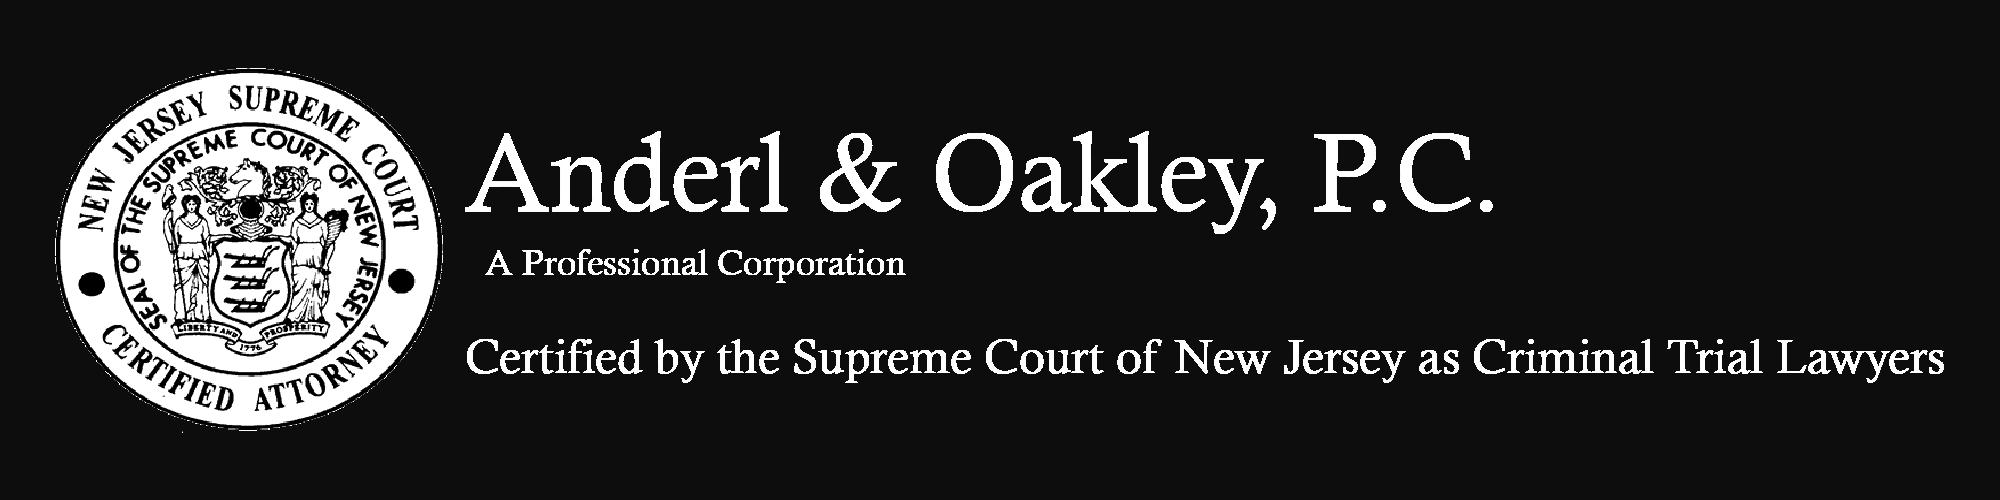 Anderl & Oakley, P.C.